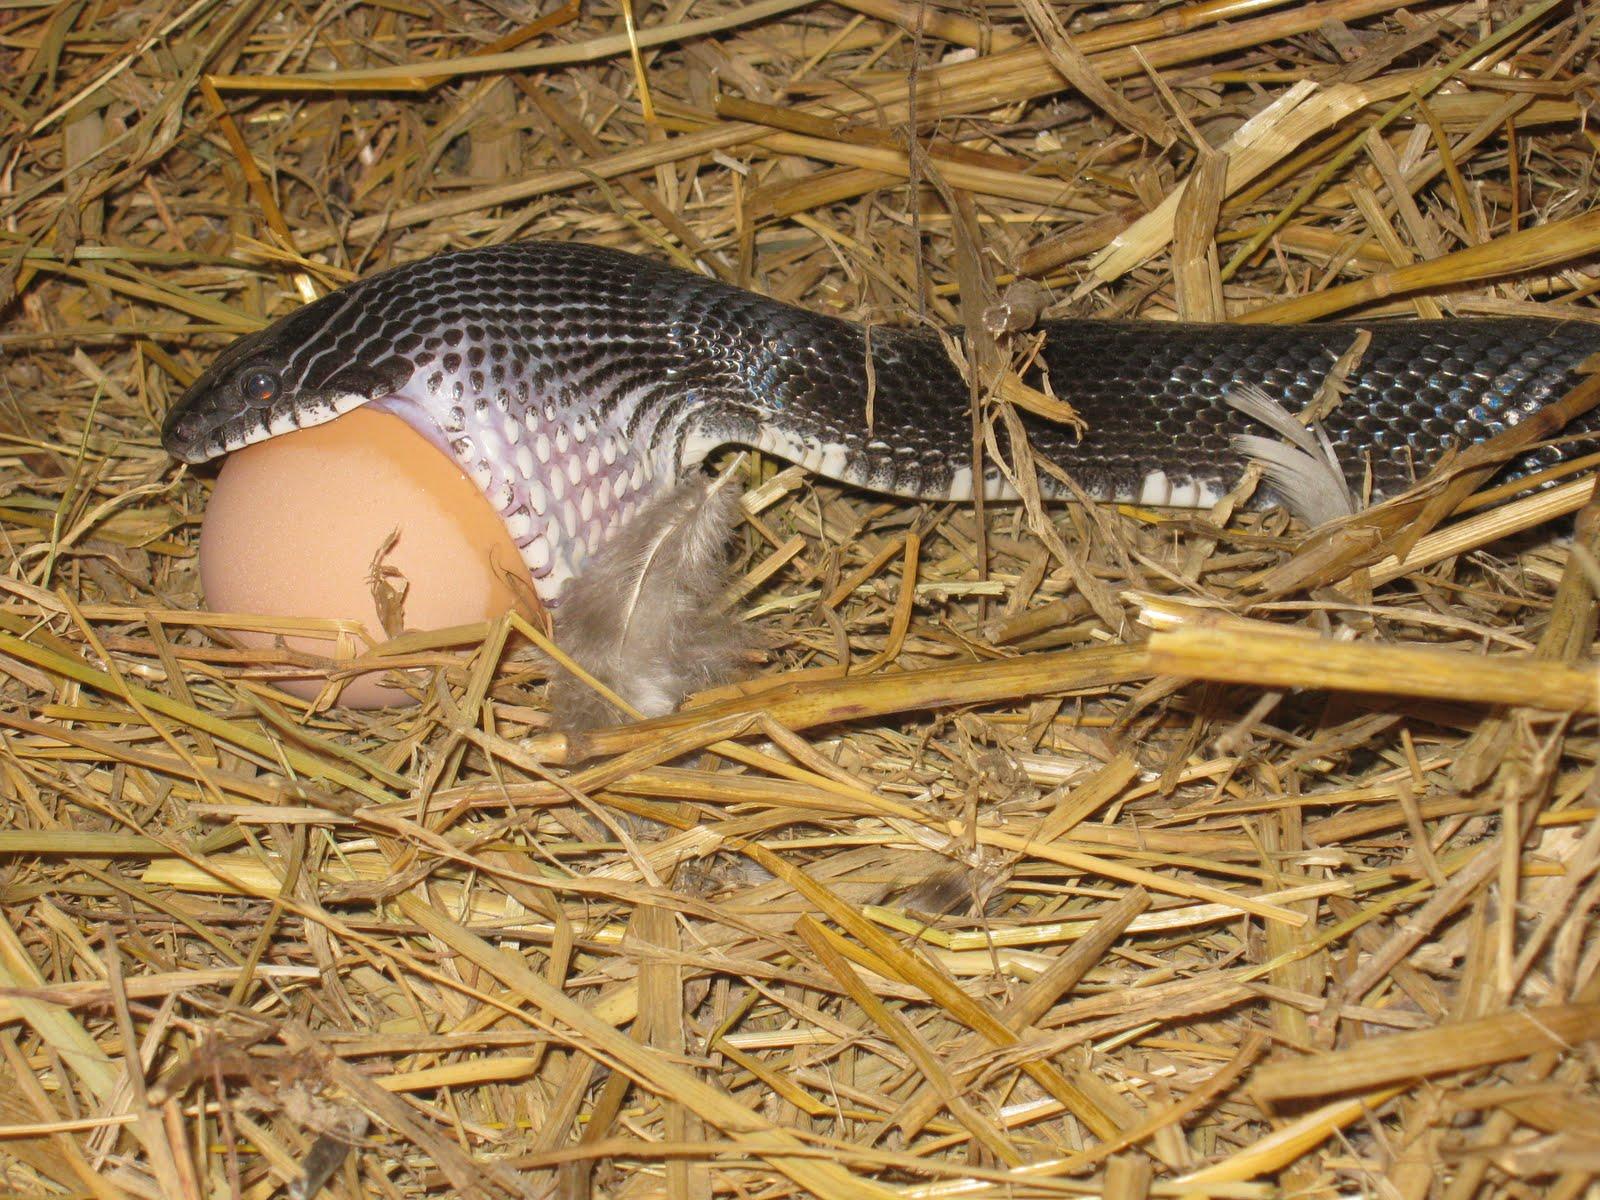 Rattlesnake Jaw - Bing images